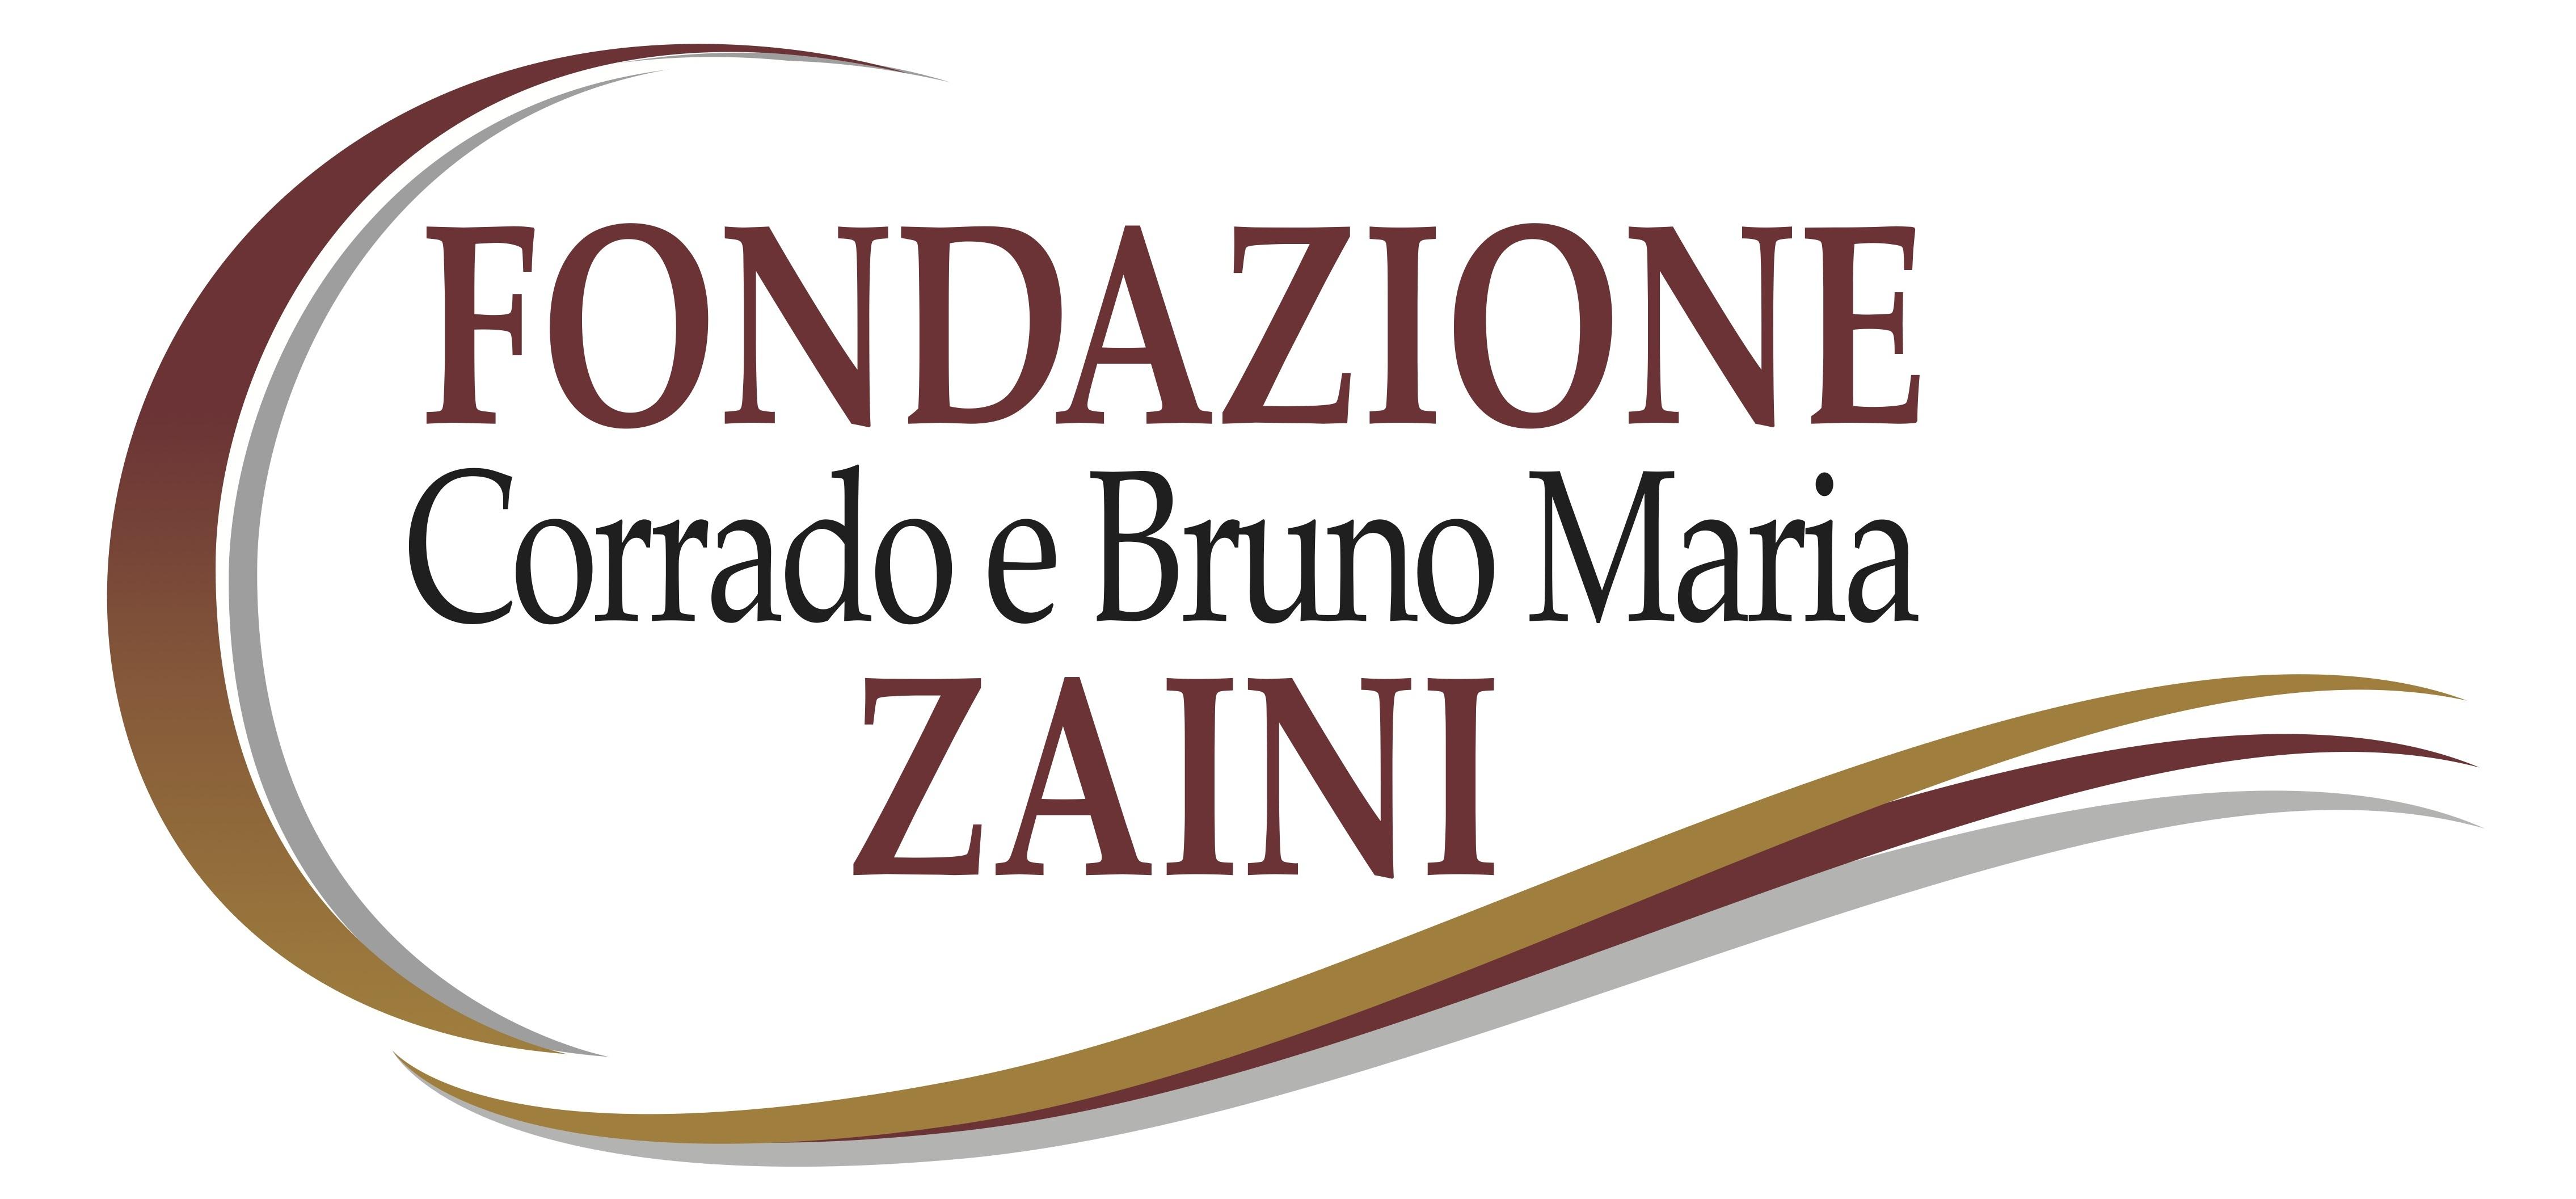 Fondazione Corrado e Bruno Maria Zaini